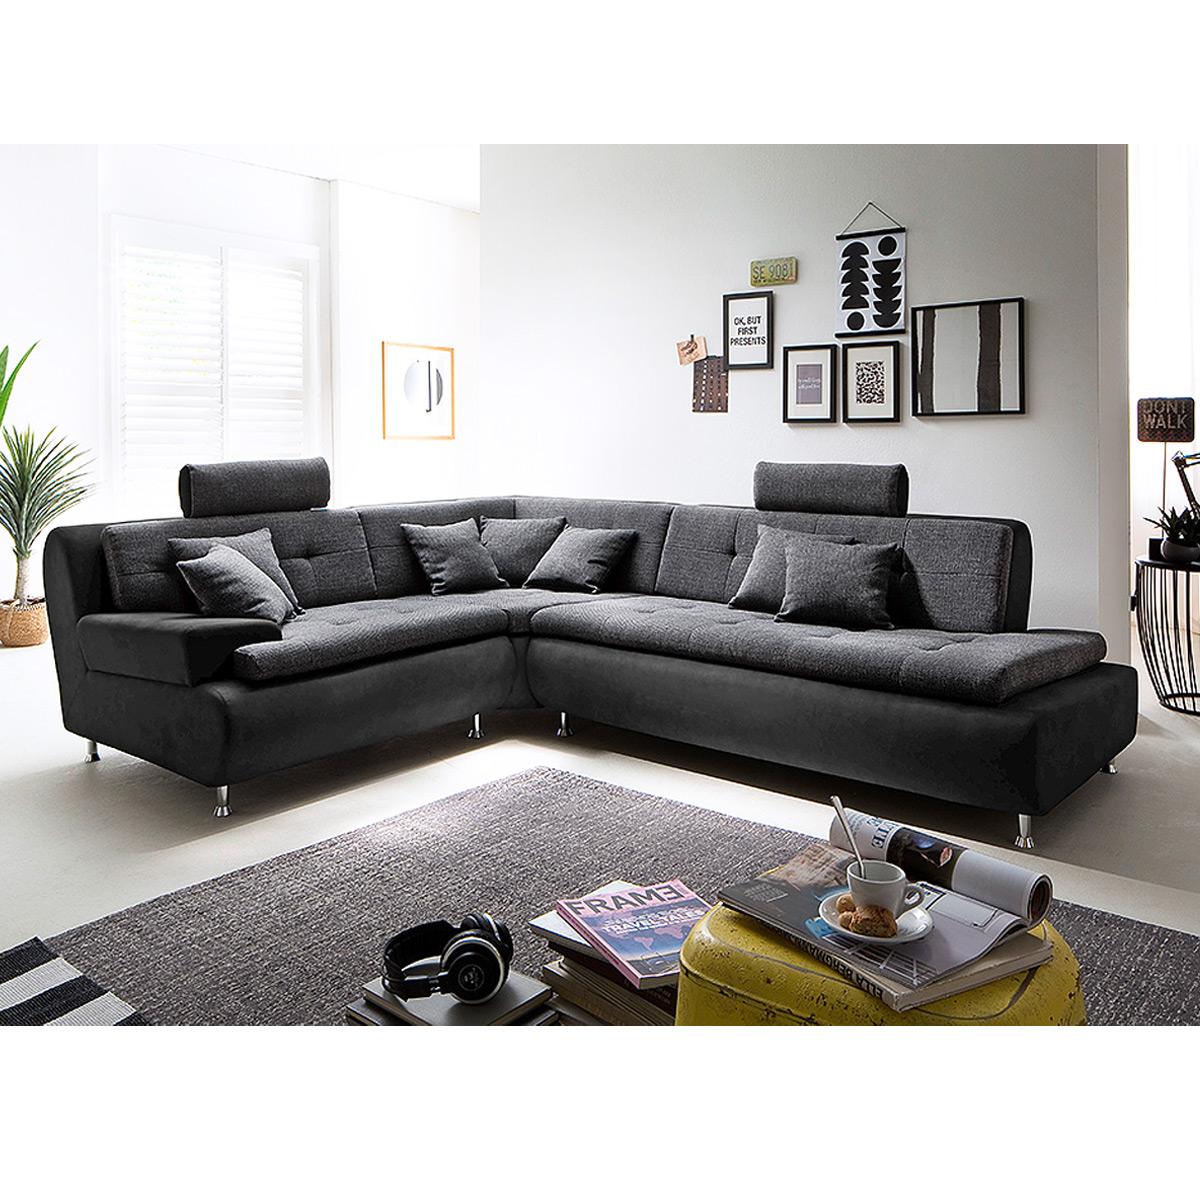 Full Size of Sofa Bezug Ecksofa U Form Ikea Mit Ottomane Links Grau Lounge Fenster Online Konfigurator Bett Kaufen Hamburg Ferienwohnung Bad Füssing Badezimmer Wohnzimmer Sofabezug U Form